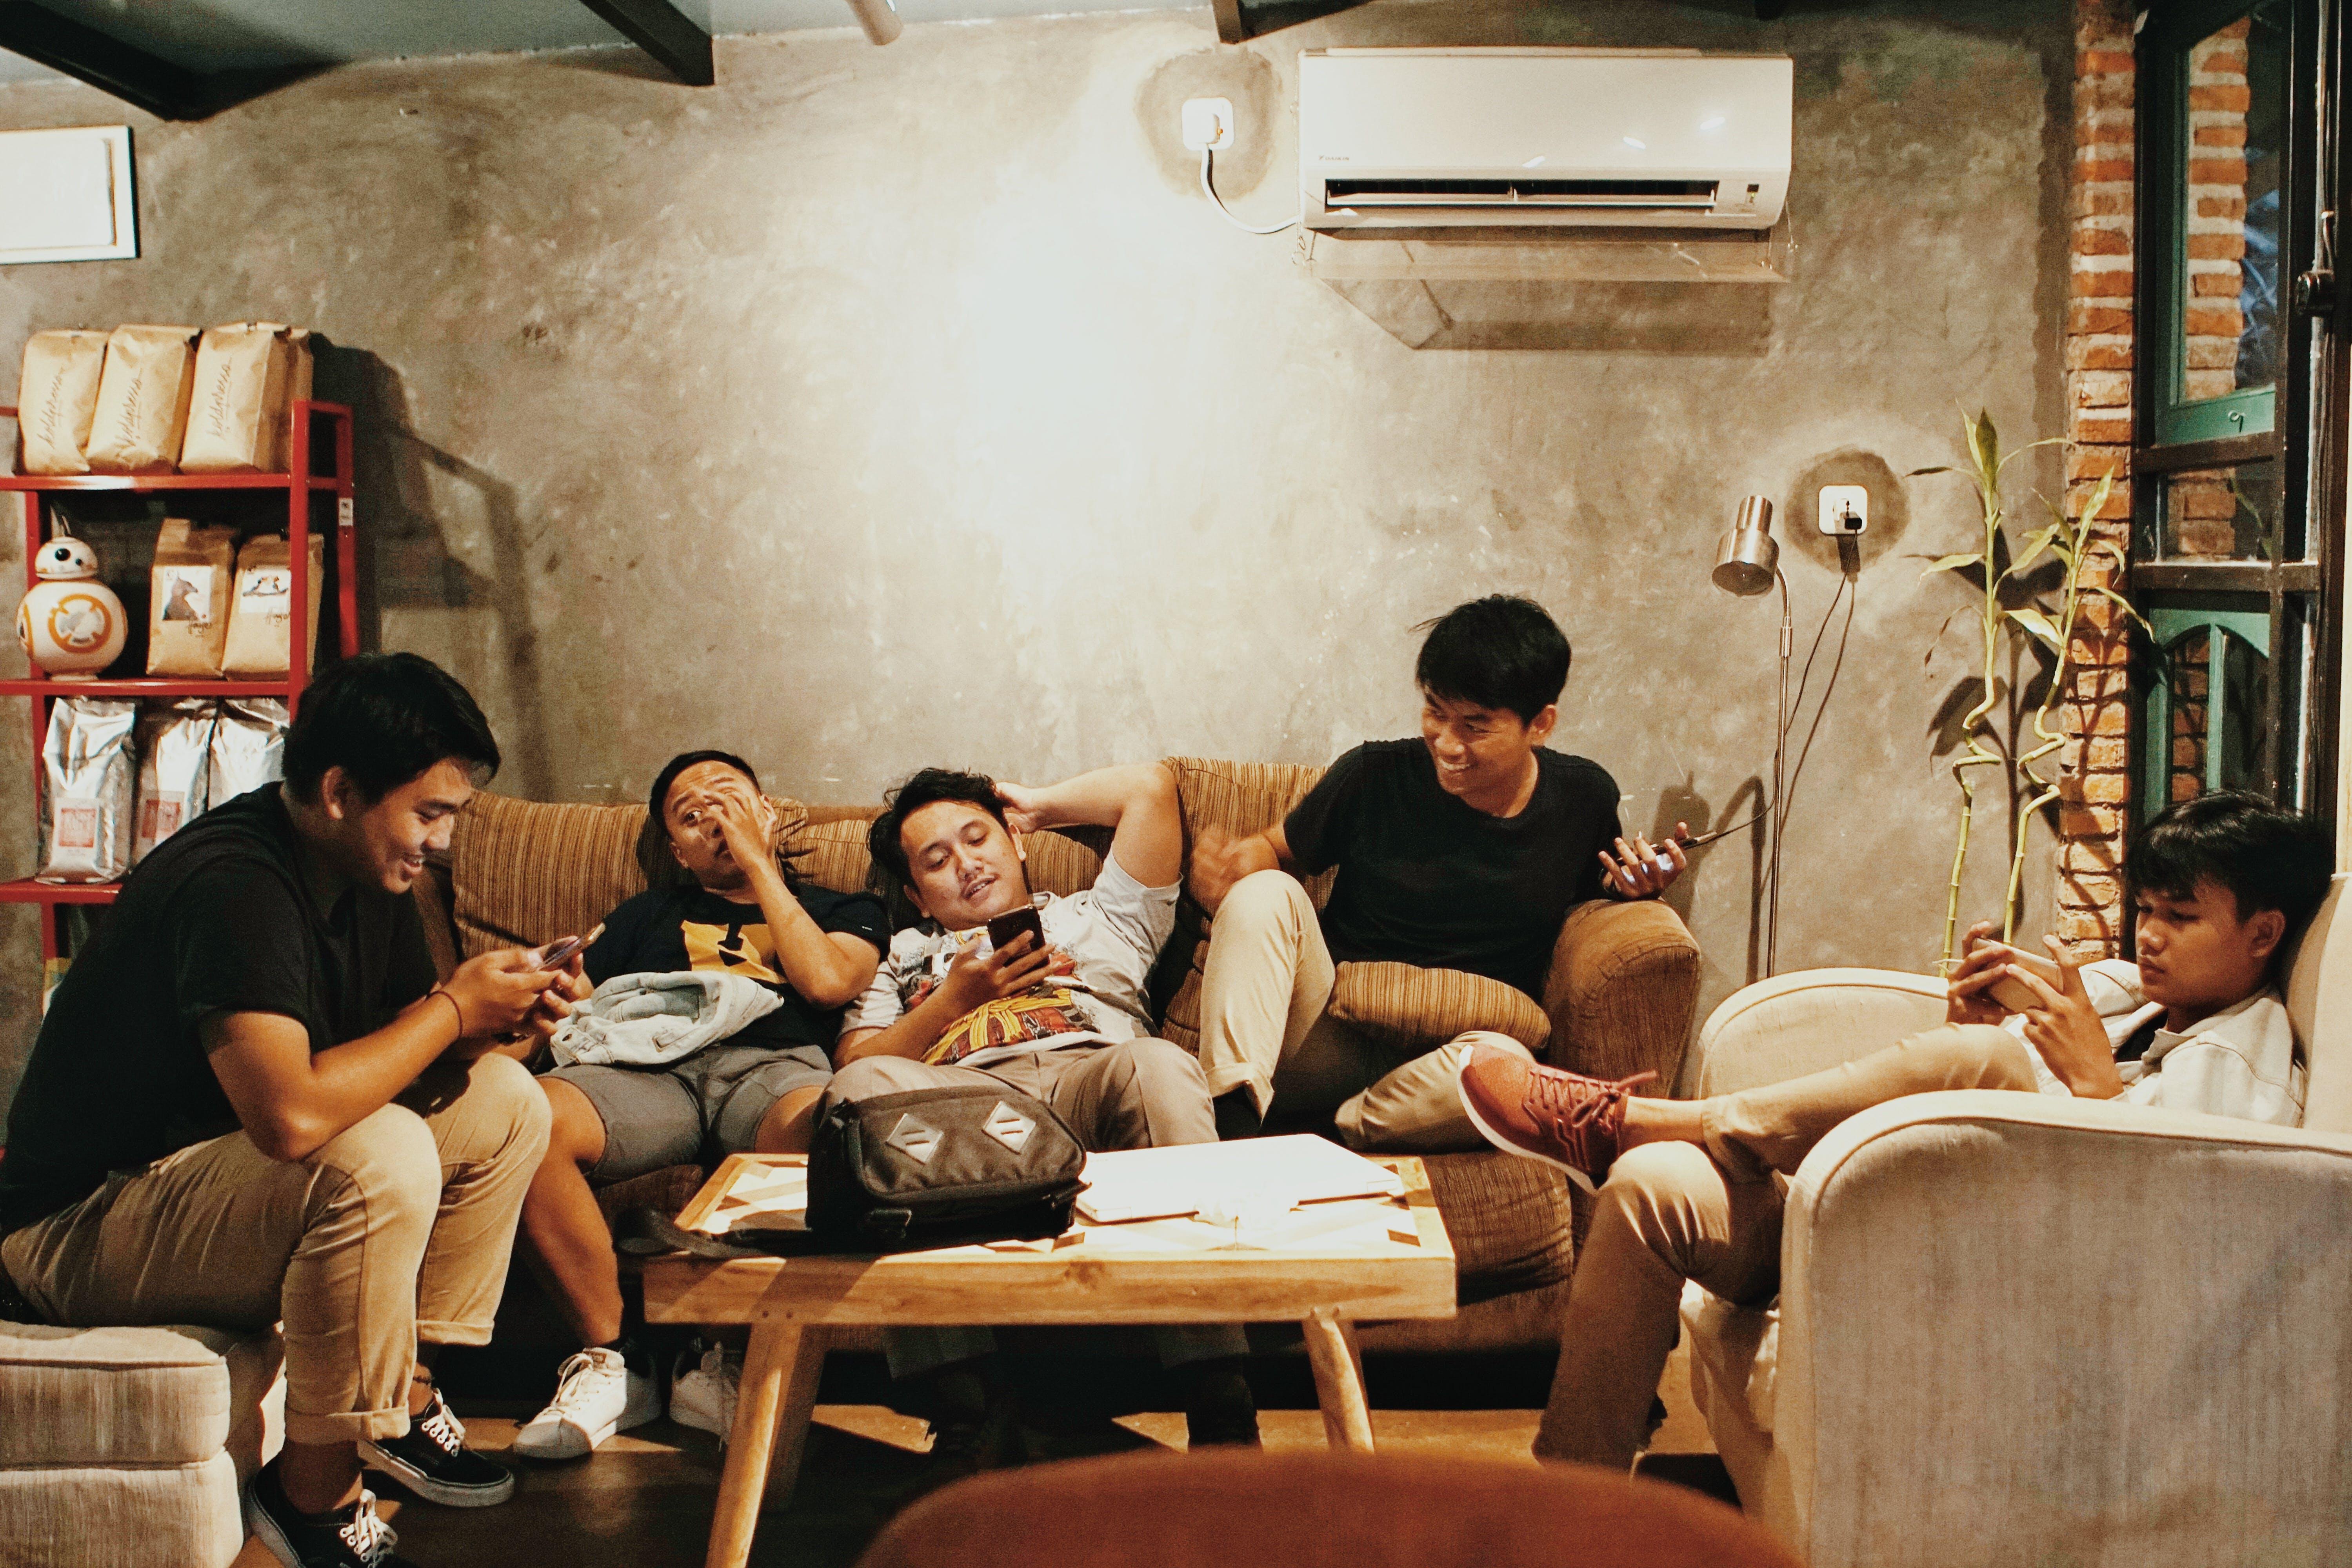 anak laki-laki, bangsa asia, belum tua, dalam ruangan